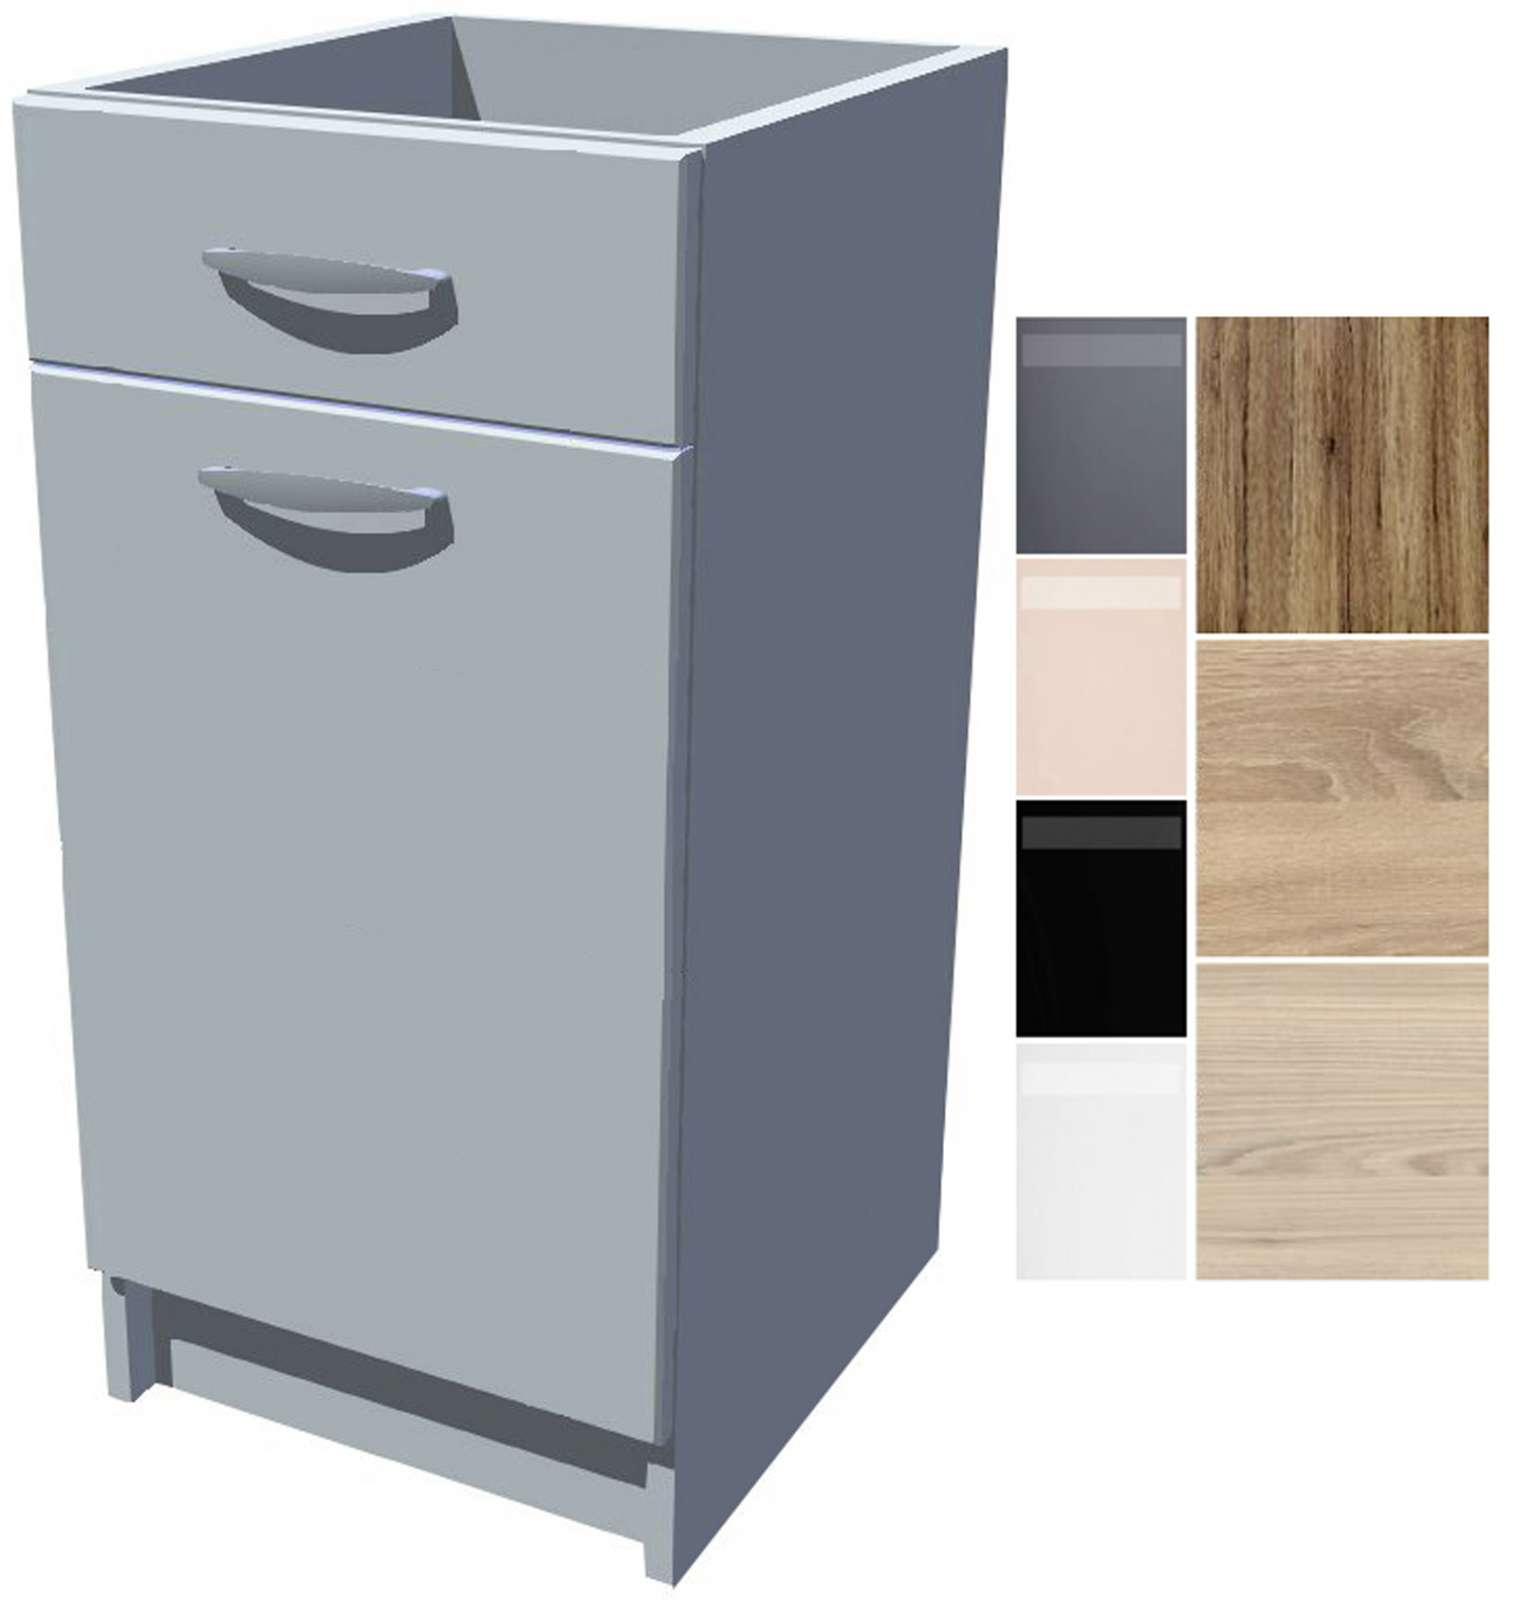 Spodní kuchyňská skříňka Iga 40 cm s šuplíkem